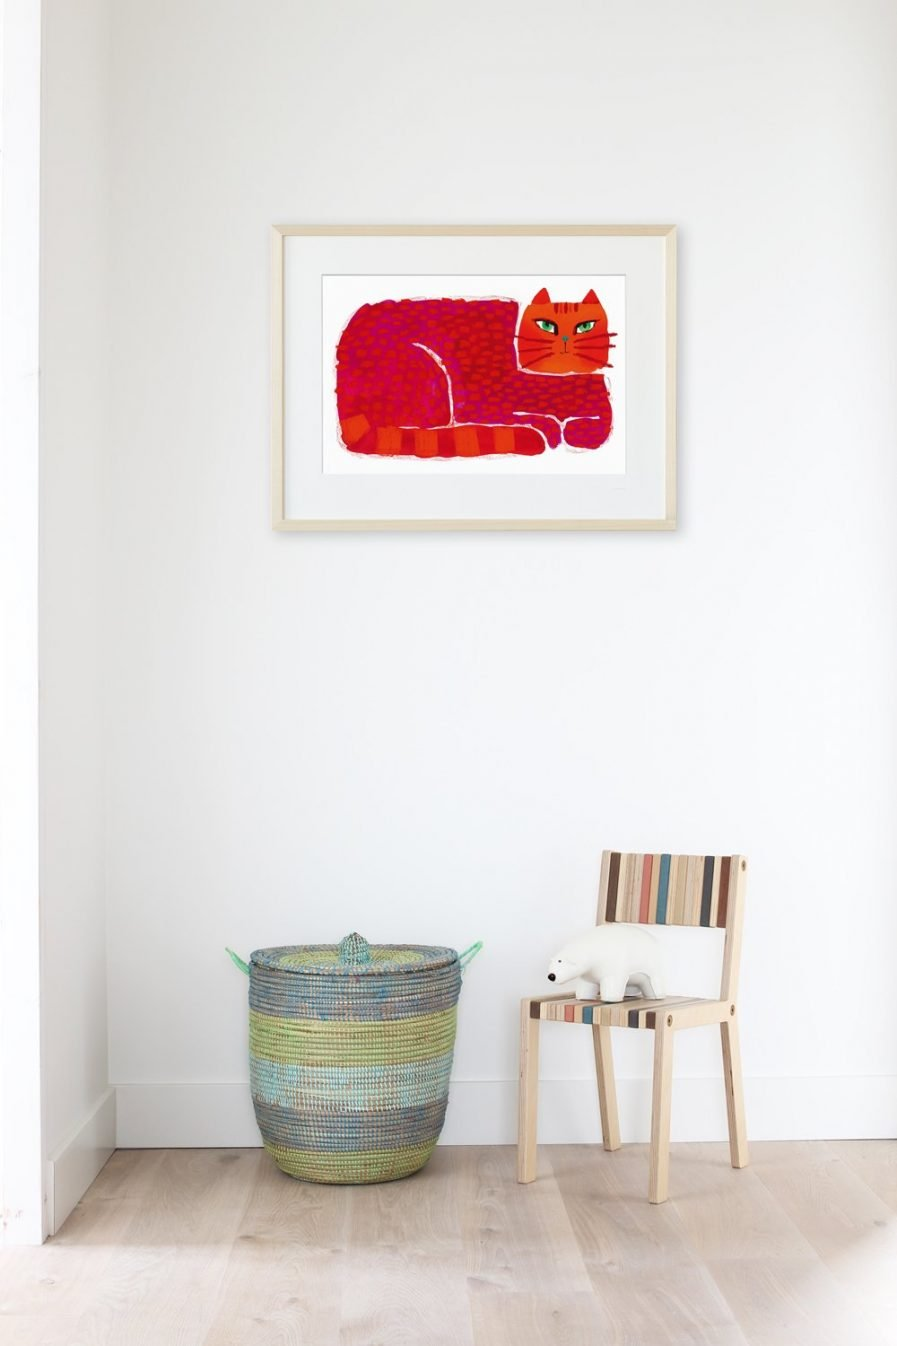 """We zien een weldoorvoede poes liggen en ons aankijken, alsof de rood-oranje kat wil zeggen: """"Hoezo?"""""""